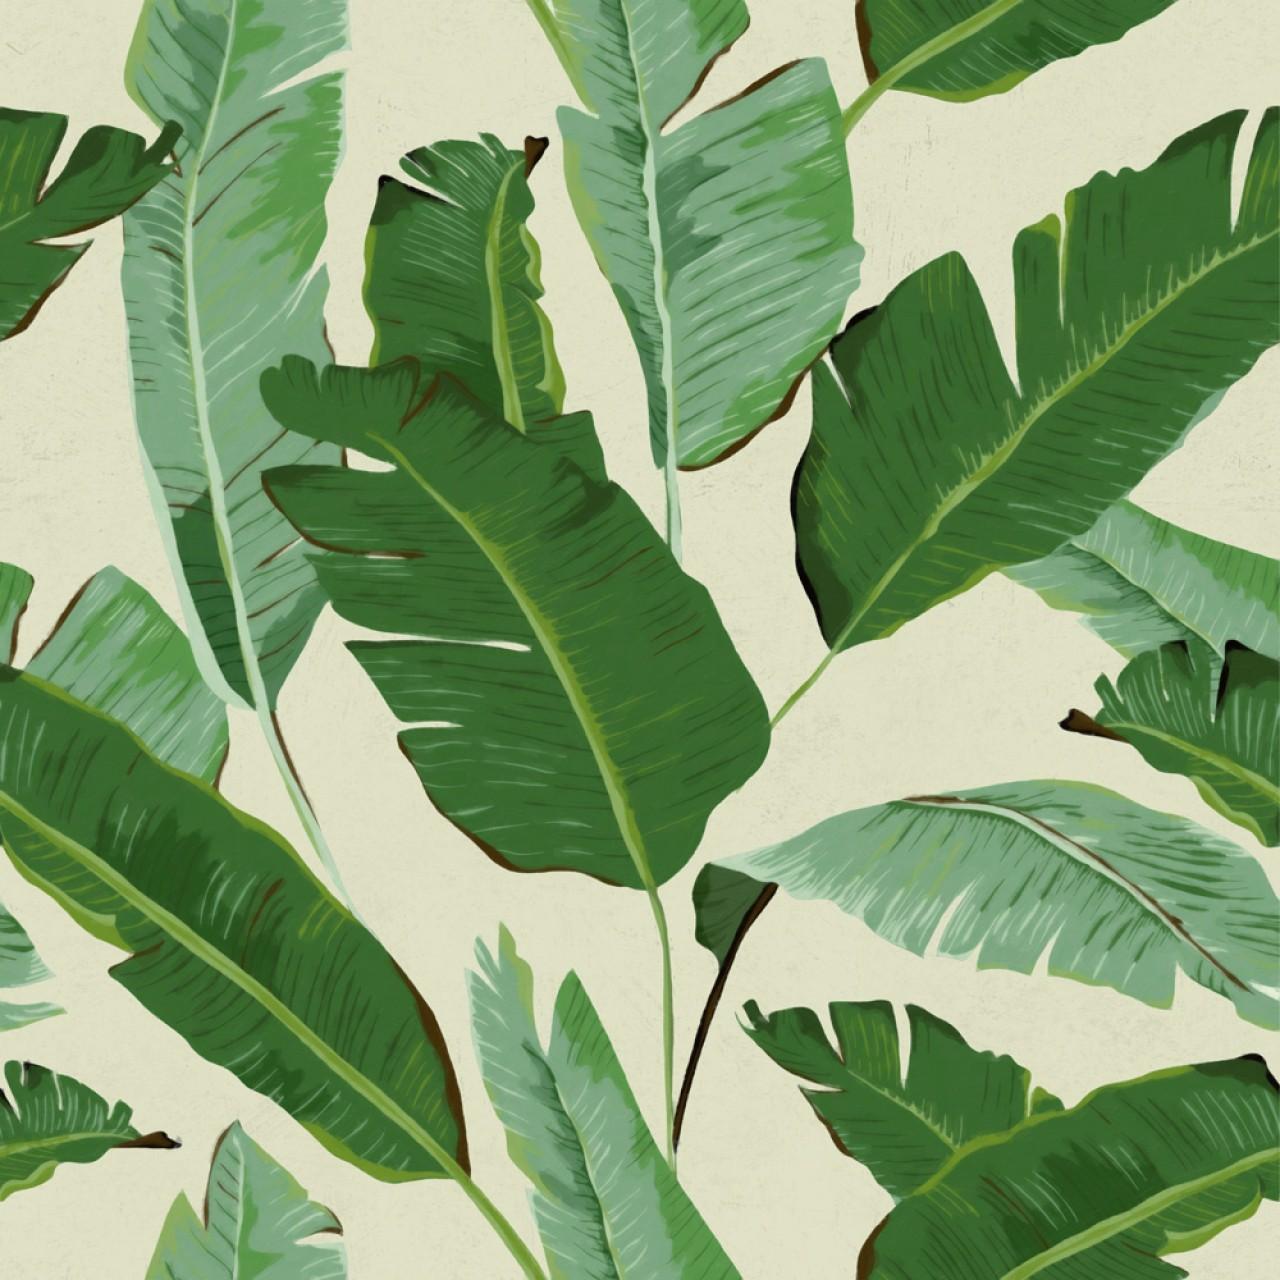 BANANA LEAVES Premium Wallpaper